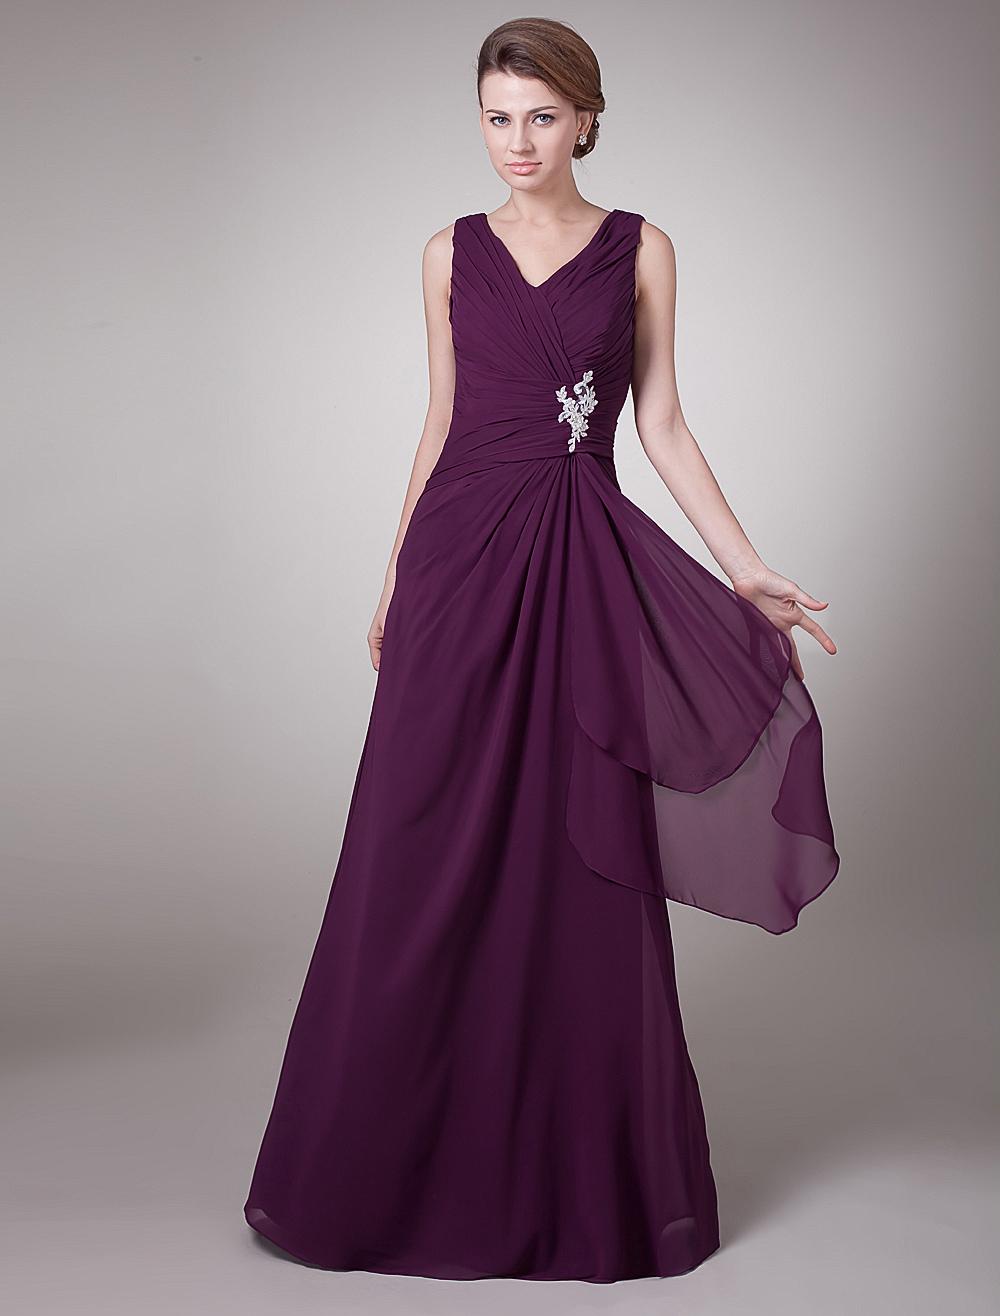 Largo vestido para madre de novia - Milanoo.com